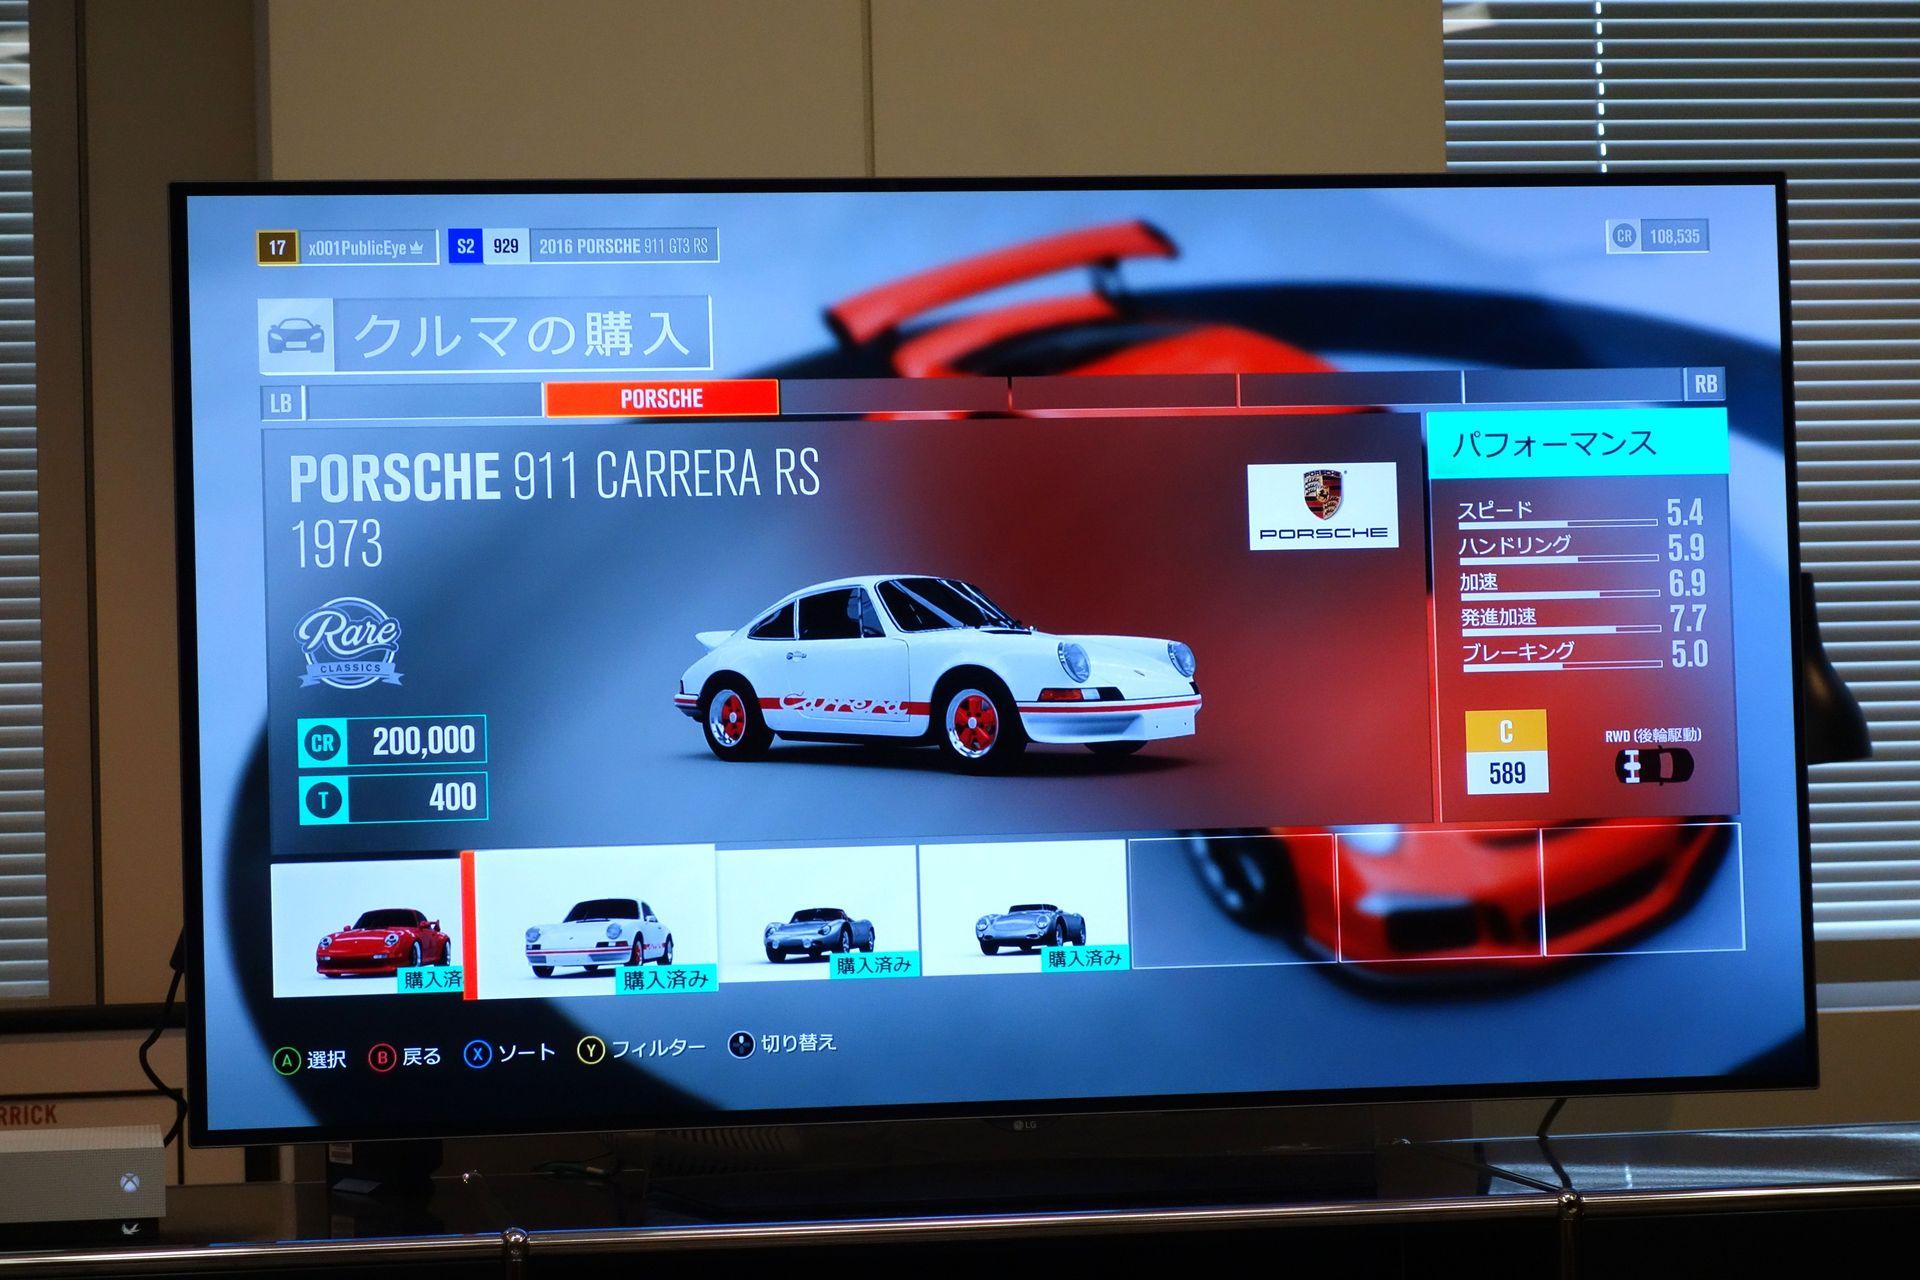 ポルシェ 911 CARRERA RS